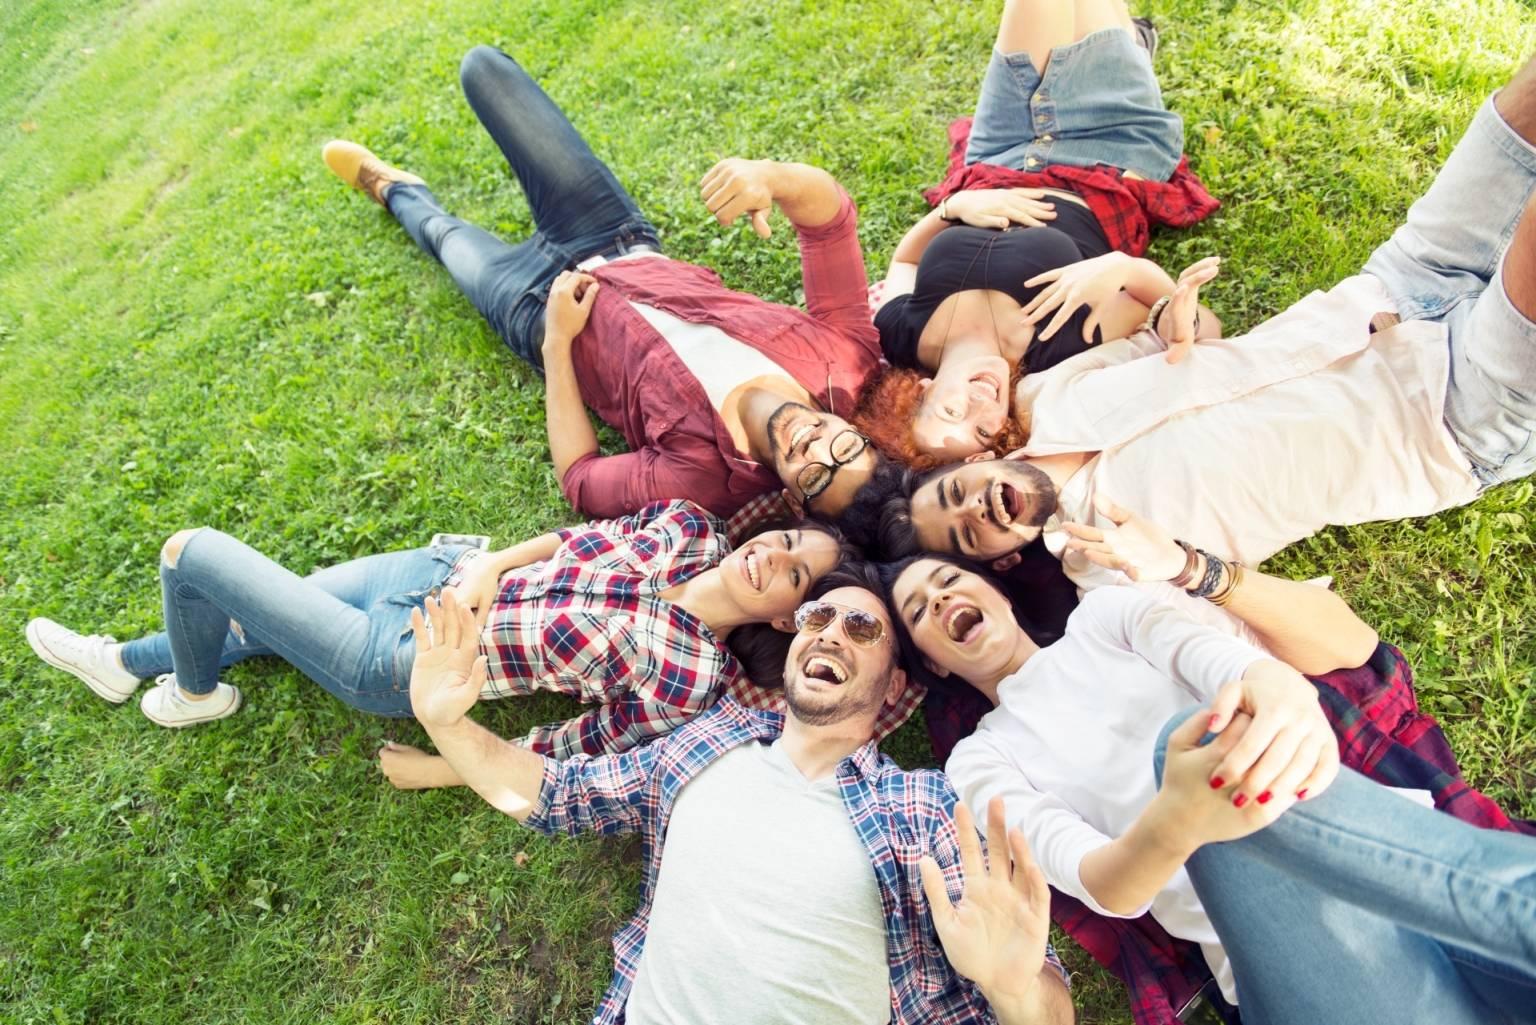 Joga śmiechu - na czym polega śmiechoterapia, czyli terapia śmiechem i czym jest gelatologia? Grupa młodych ludzi śmieje się, leżąc obok siebie w kółku na trawie.